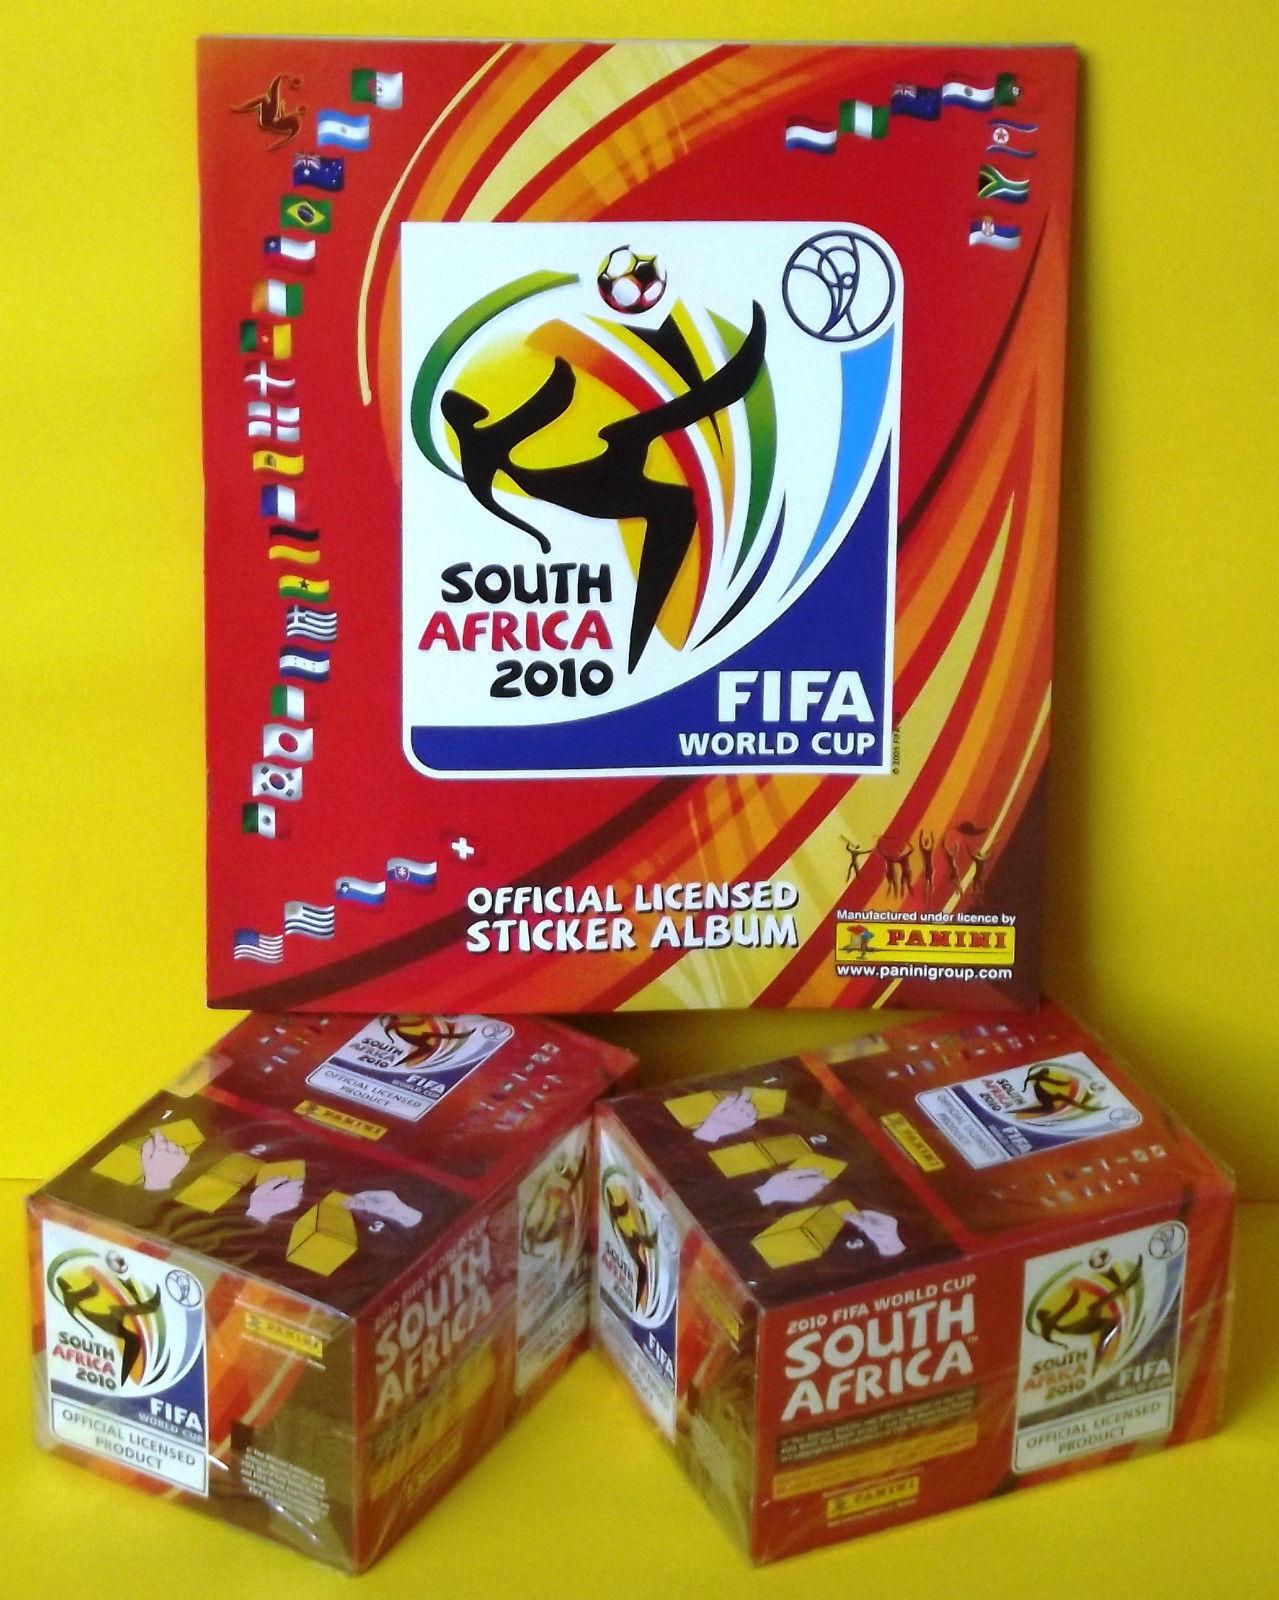 SOUTH AFRICA 2010 x2 CAJAS PRECINTADAS Y ALBUM CALIDAD PLANCHA WORLD CUP FIFA